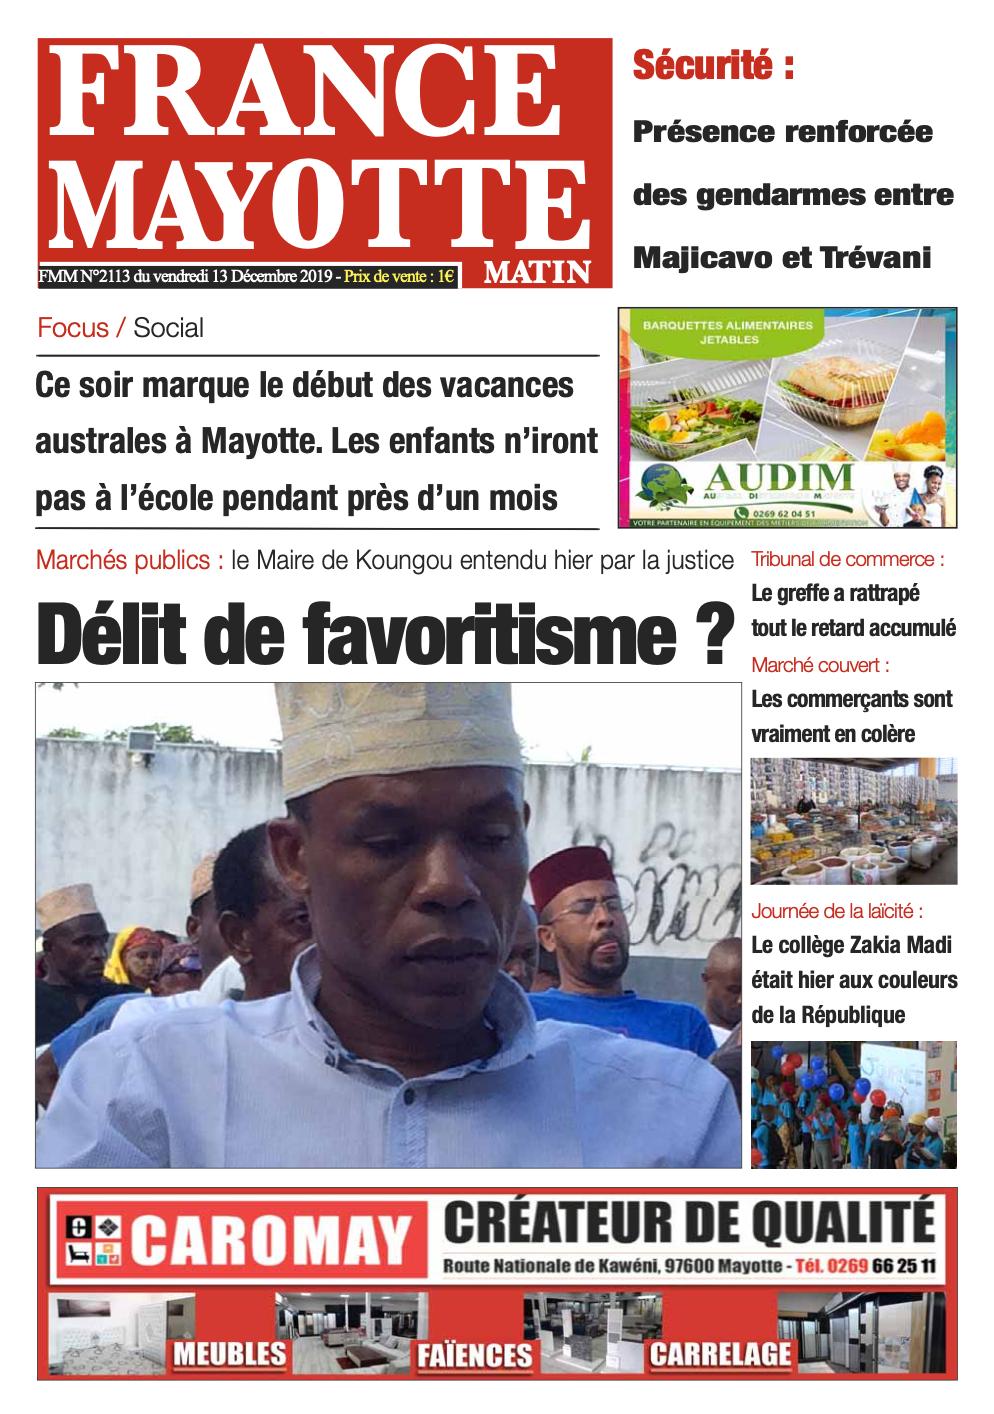 France Mayotte Vendredi 13 décembre 2019